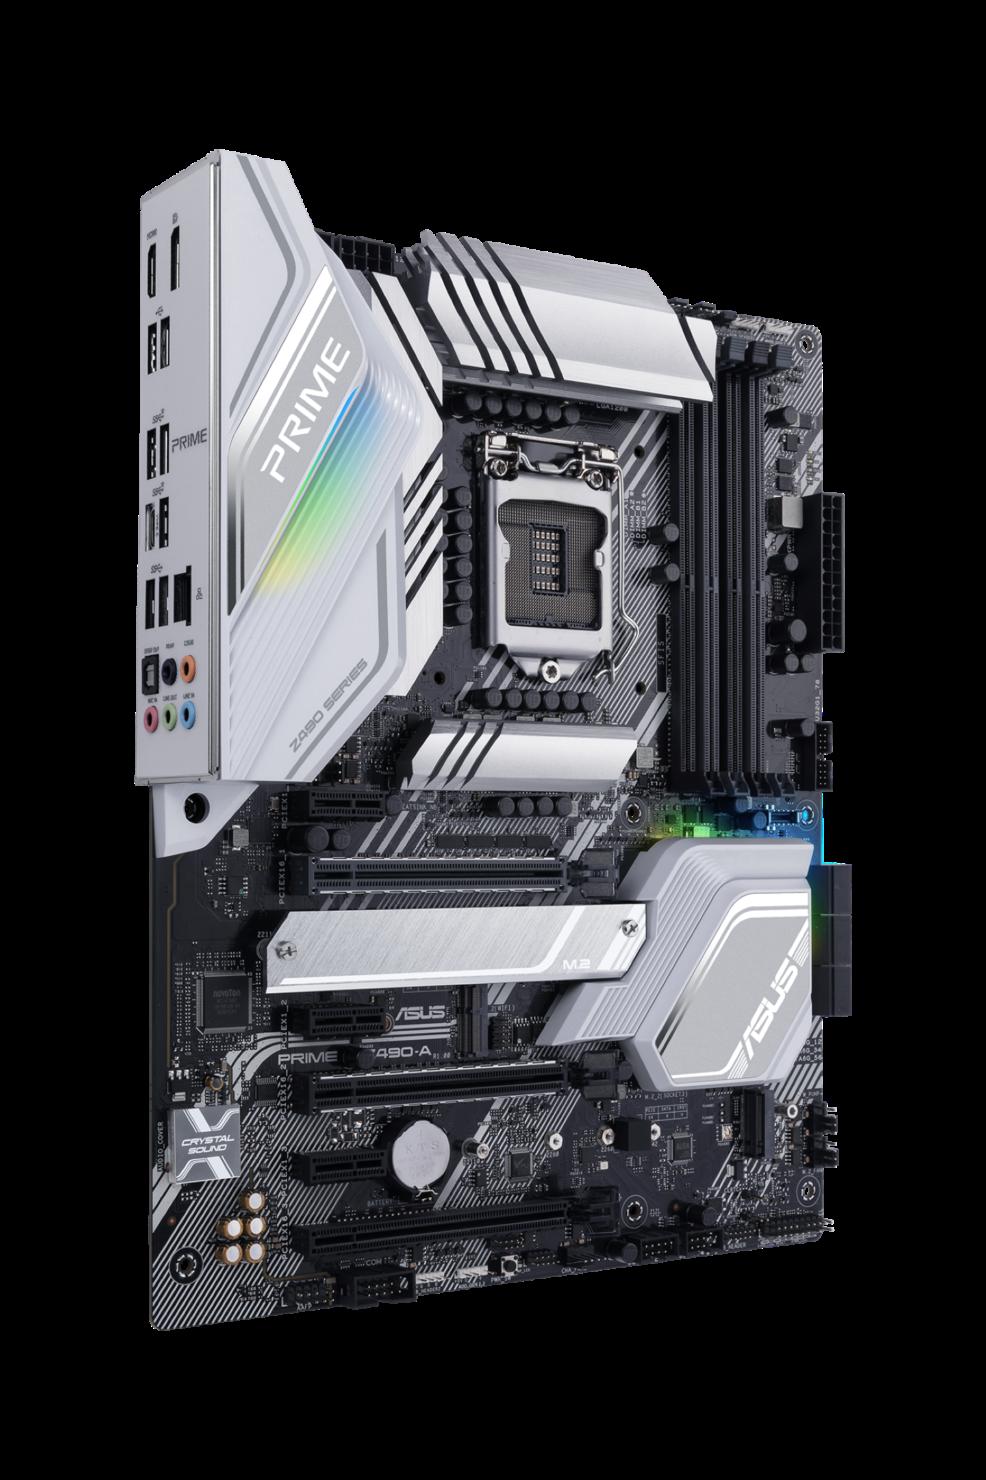 prime-z490-a-3d-1-aura-custom